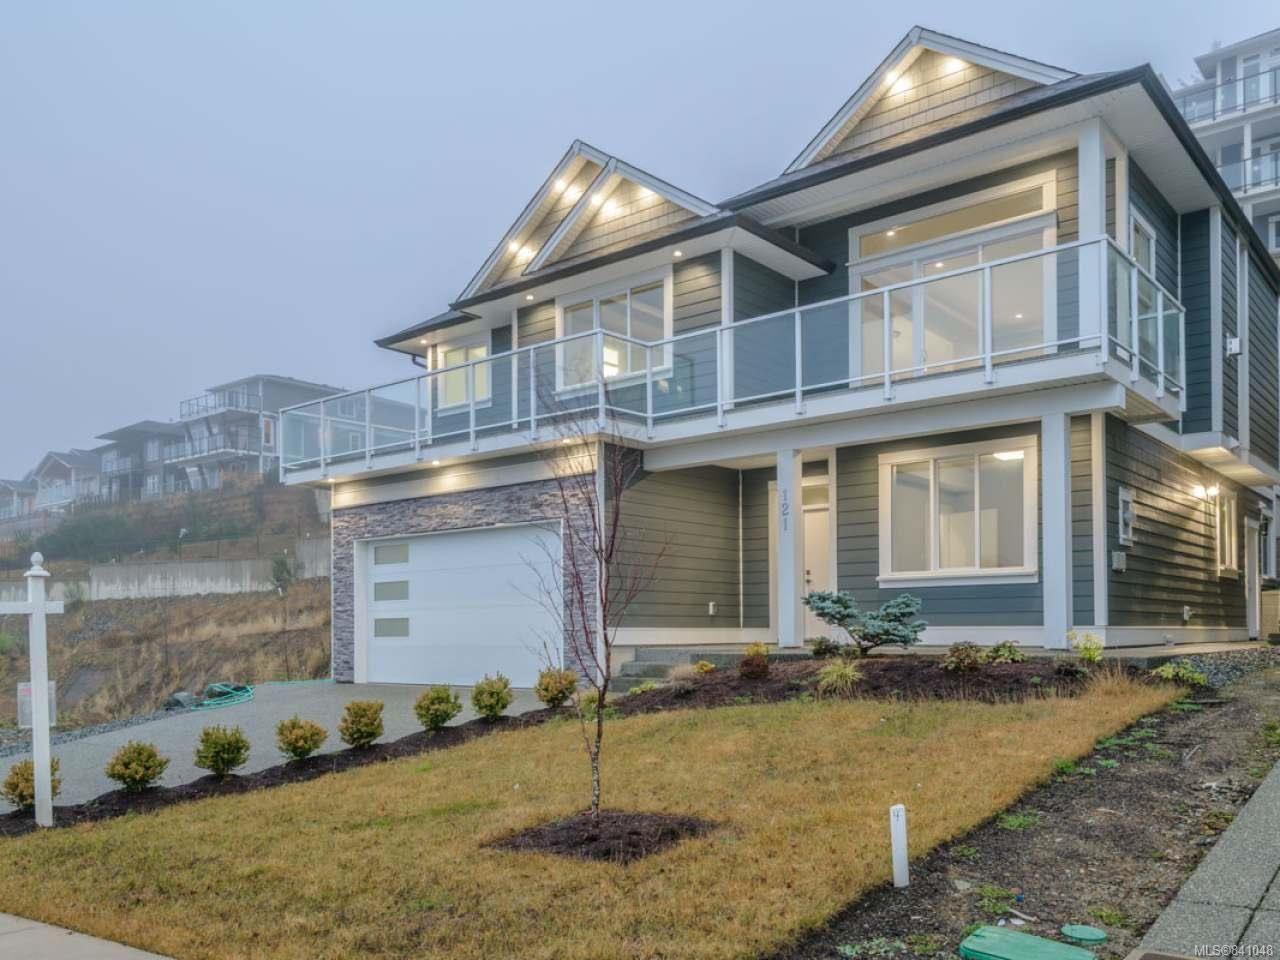 Main Photo: 121 Royal Pacific Way in NANAIMO: Na North Nanaimo House for sale (Nanaimo)  : MLS®# 841048